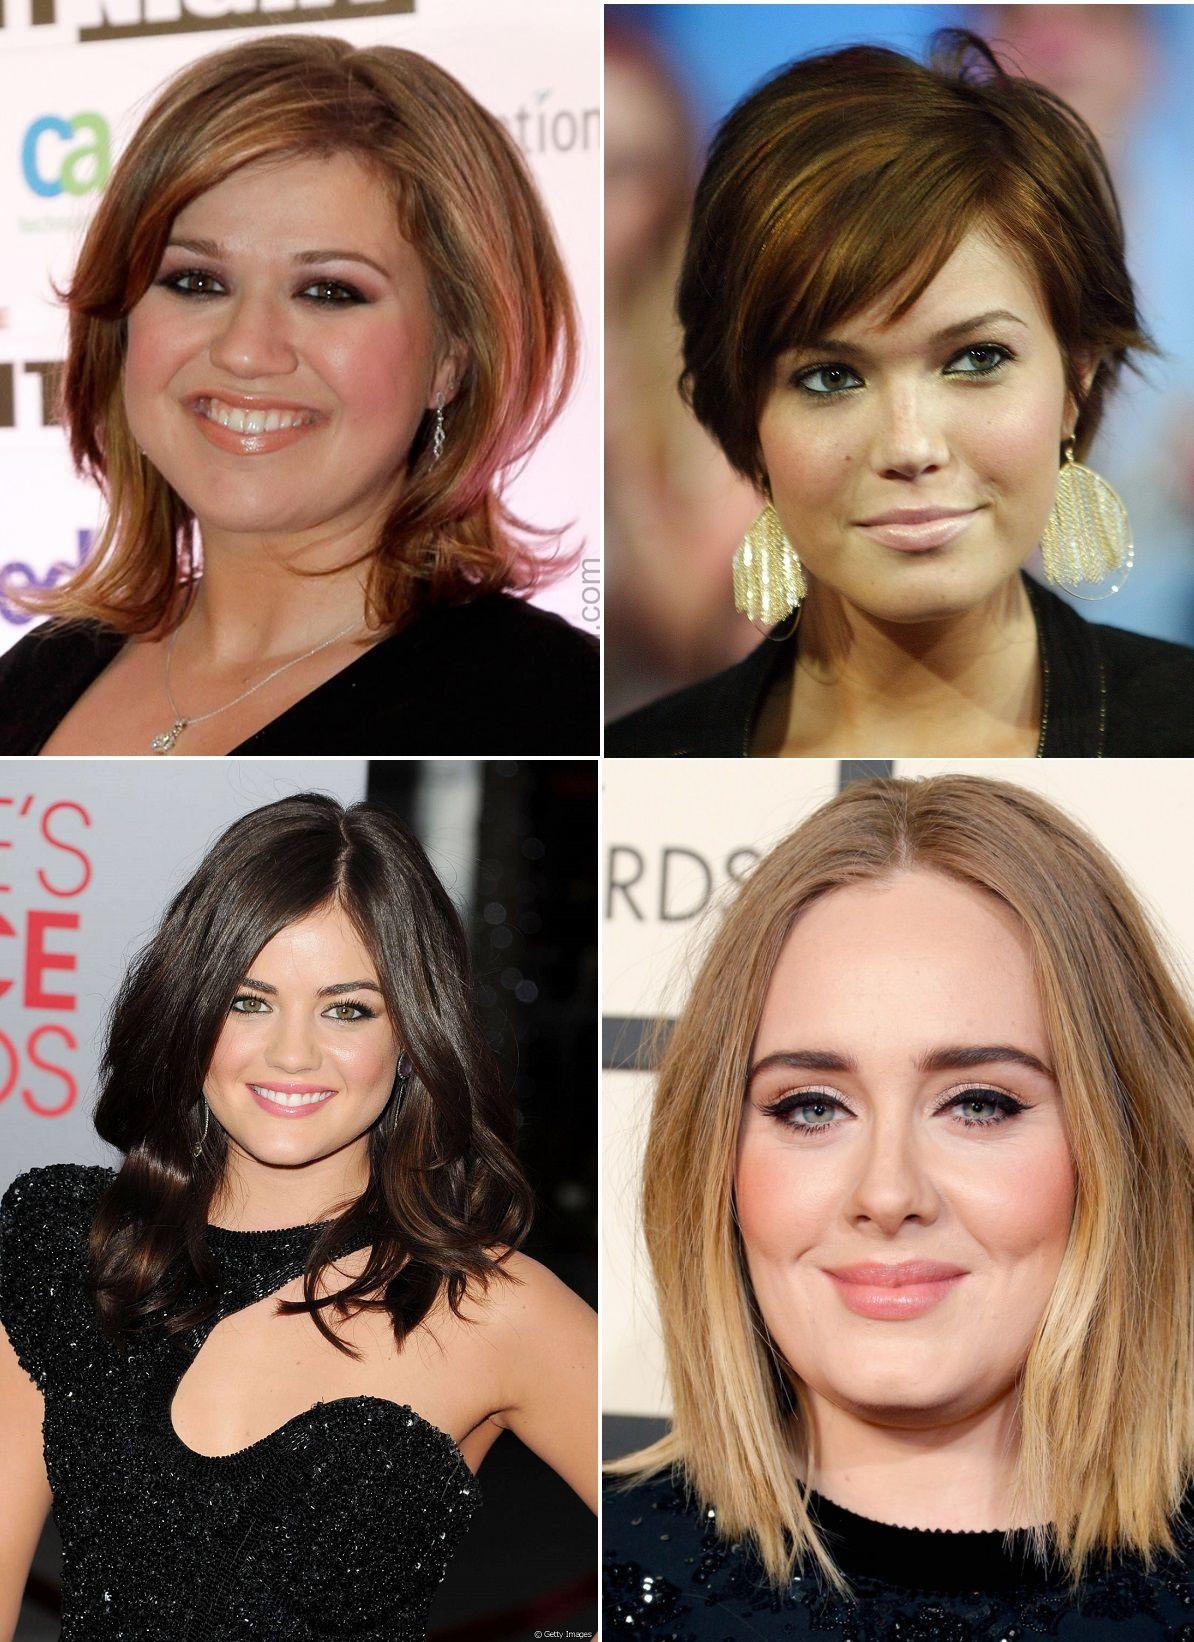 a9756bb5c0779 Veja as mais lindas fotos de cortes de cabelos para rosto redondo!  Selecionamos fotos com